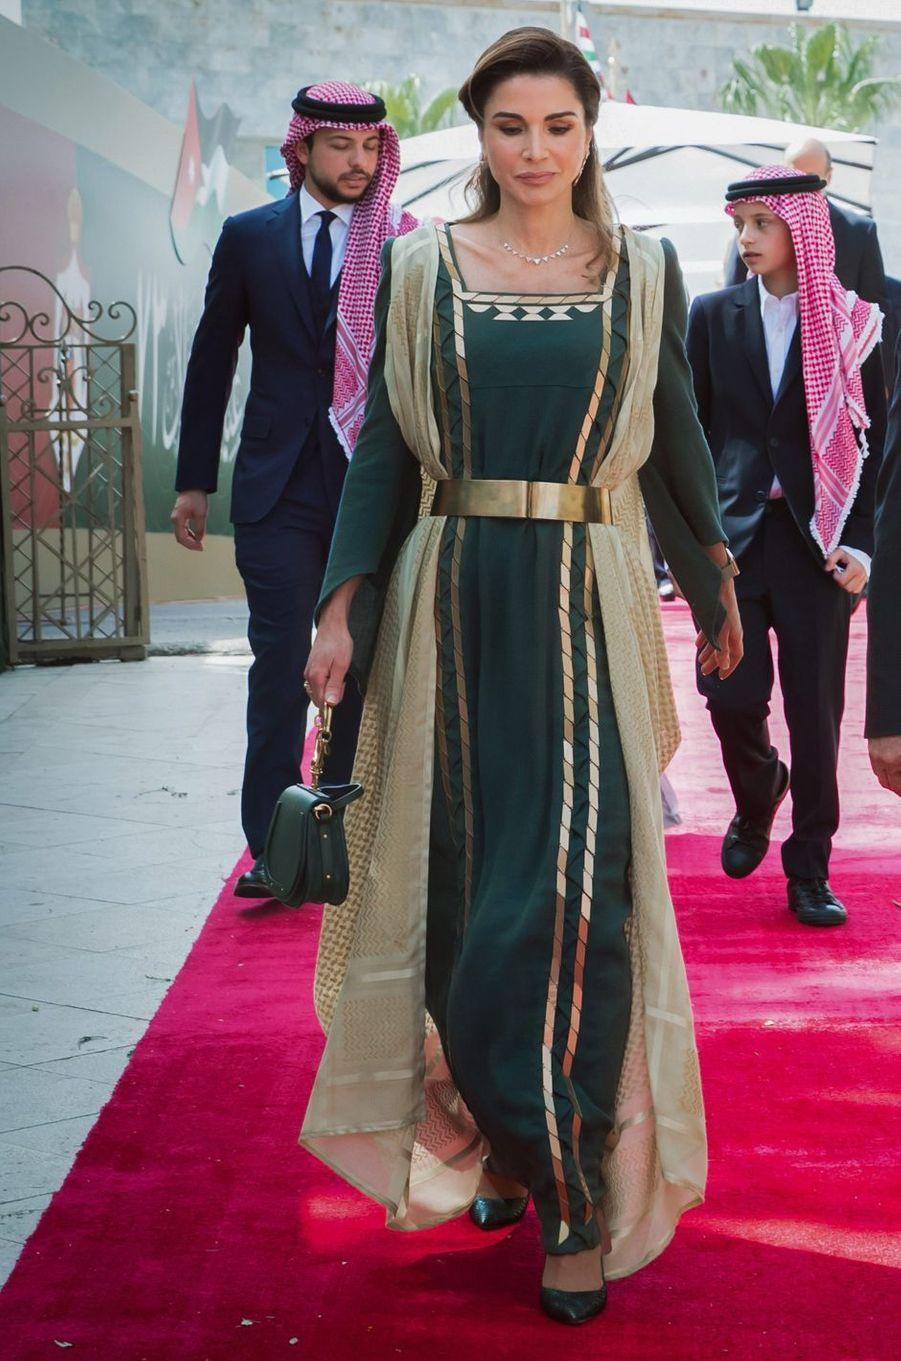 La reine Rania de Jordanie dans une robe Fedaa Assaf, le 25 mai 2019 à Amman